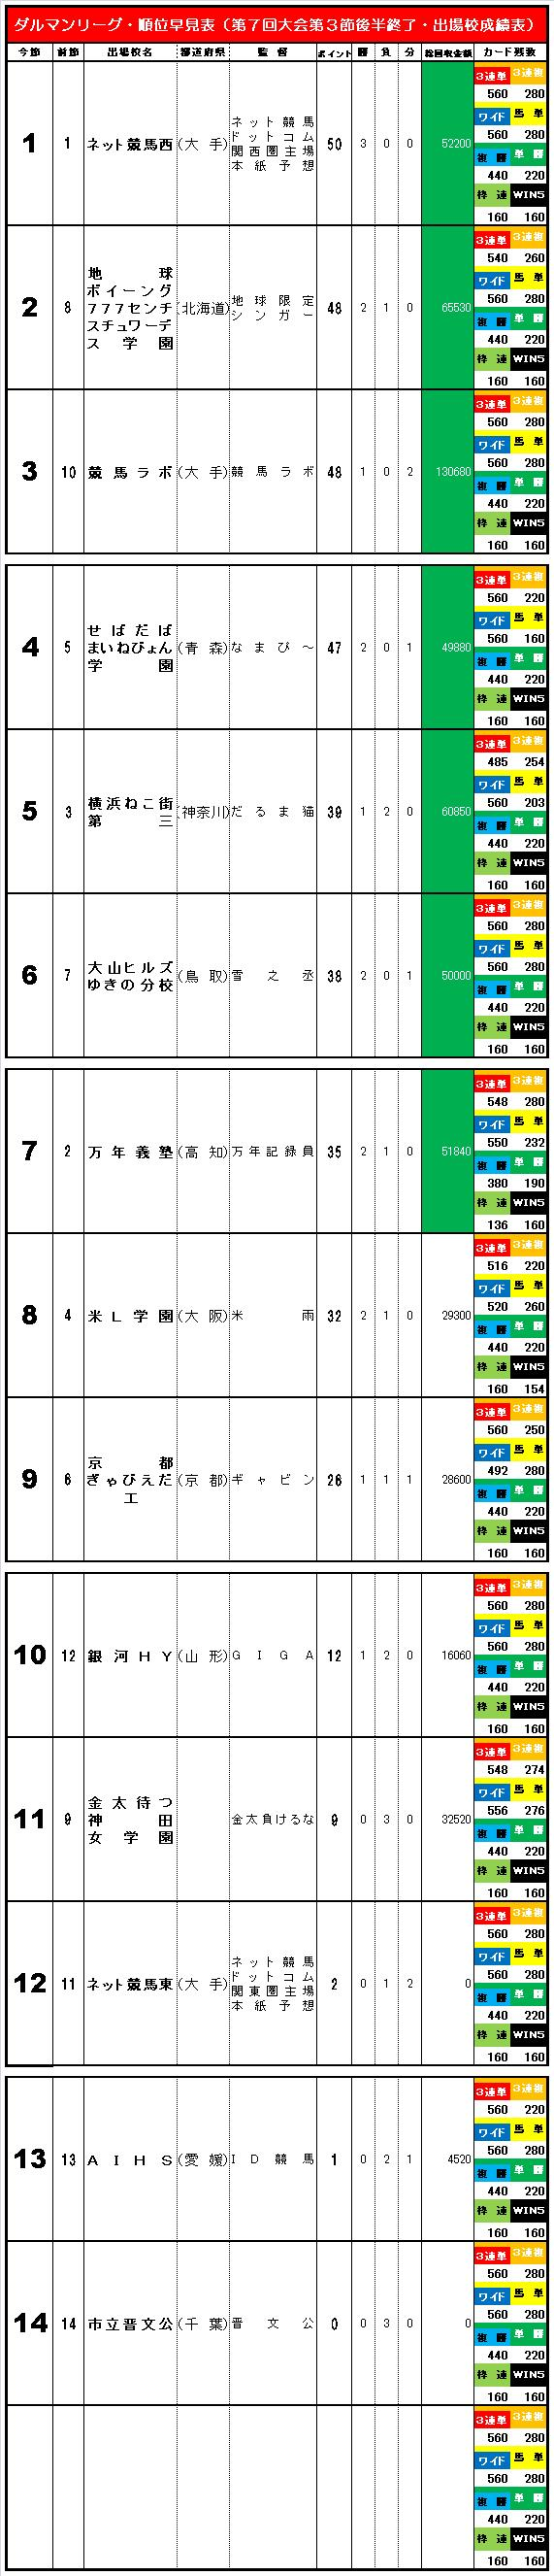 20150802・ダルマンリーグ第3節後半終了順位早見表簡易版⑥.jpg